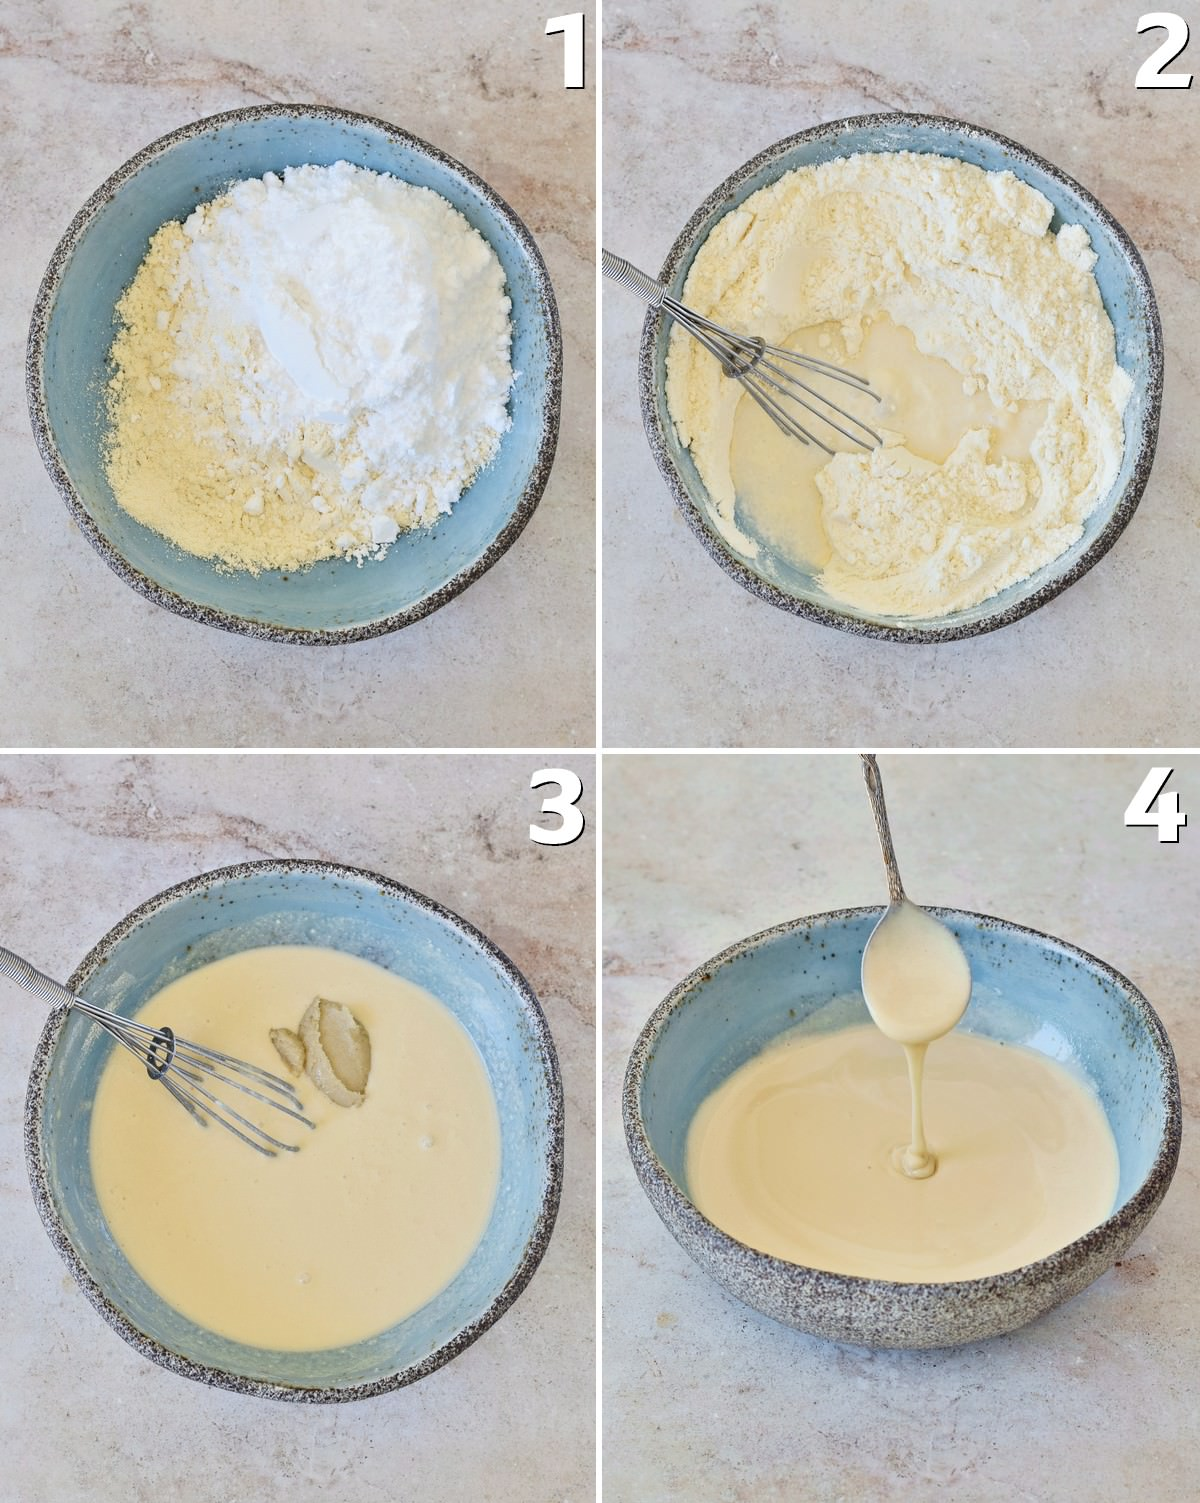 4 Schritt-für-Schritt-Fotos, wie man gezuckerte evaporated milk selber machen kann